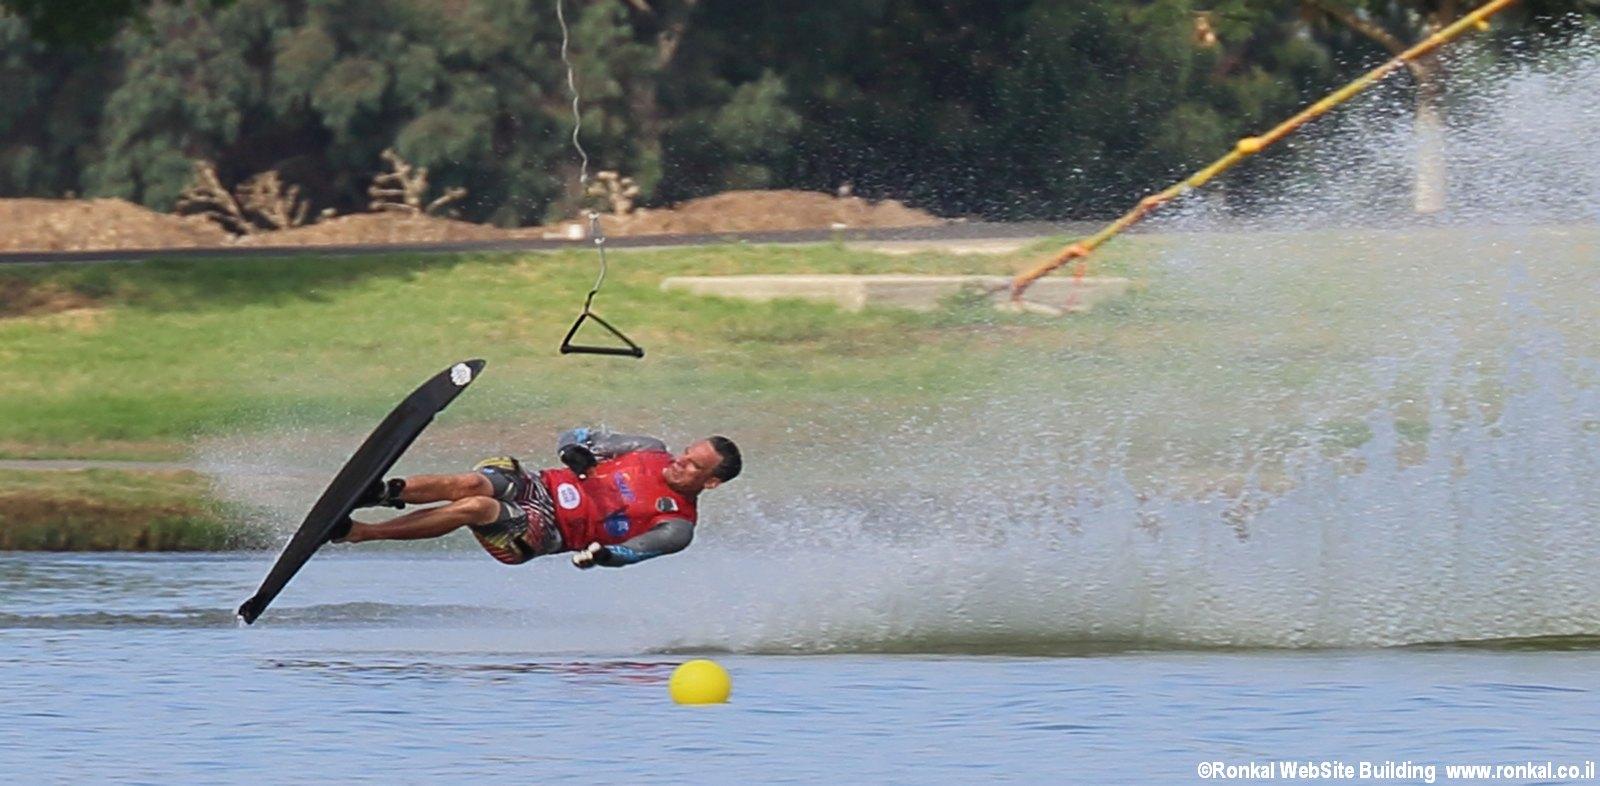 תחרות סקי מים בכבלים פארק דרום תל אביב